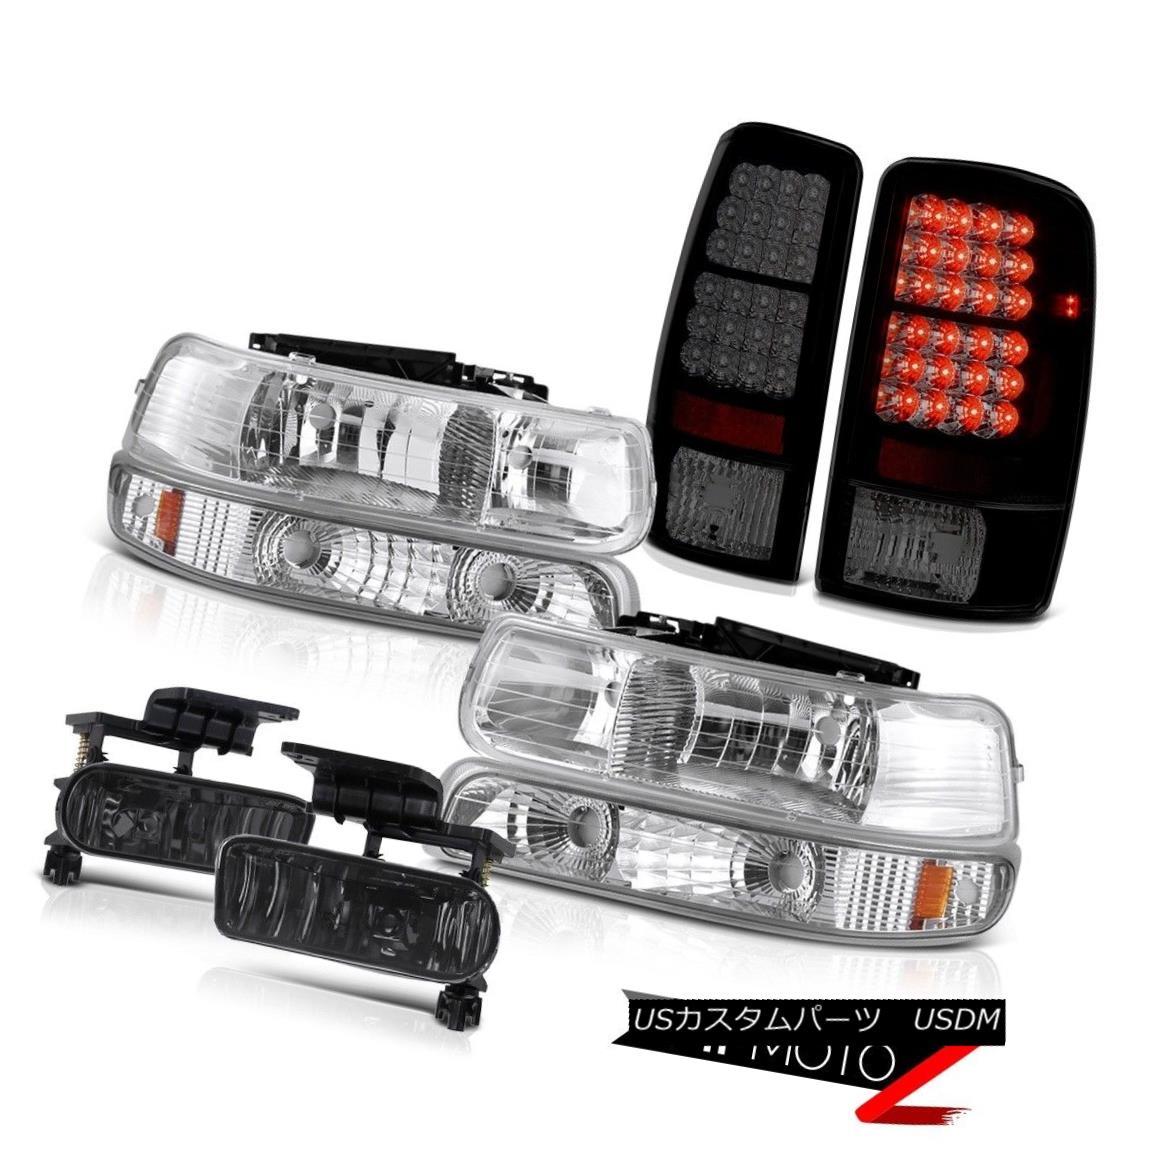 ヘッドライト 2000-2006 Tahoe 5.3L Crystal Bumper Headlights Bright LED Taillamps Driving Fog 2000-2006タホ5.3Lクリスタルバンパーヘッドライト明るいLEDタイルランプドライビングフォグ